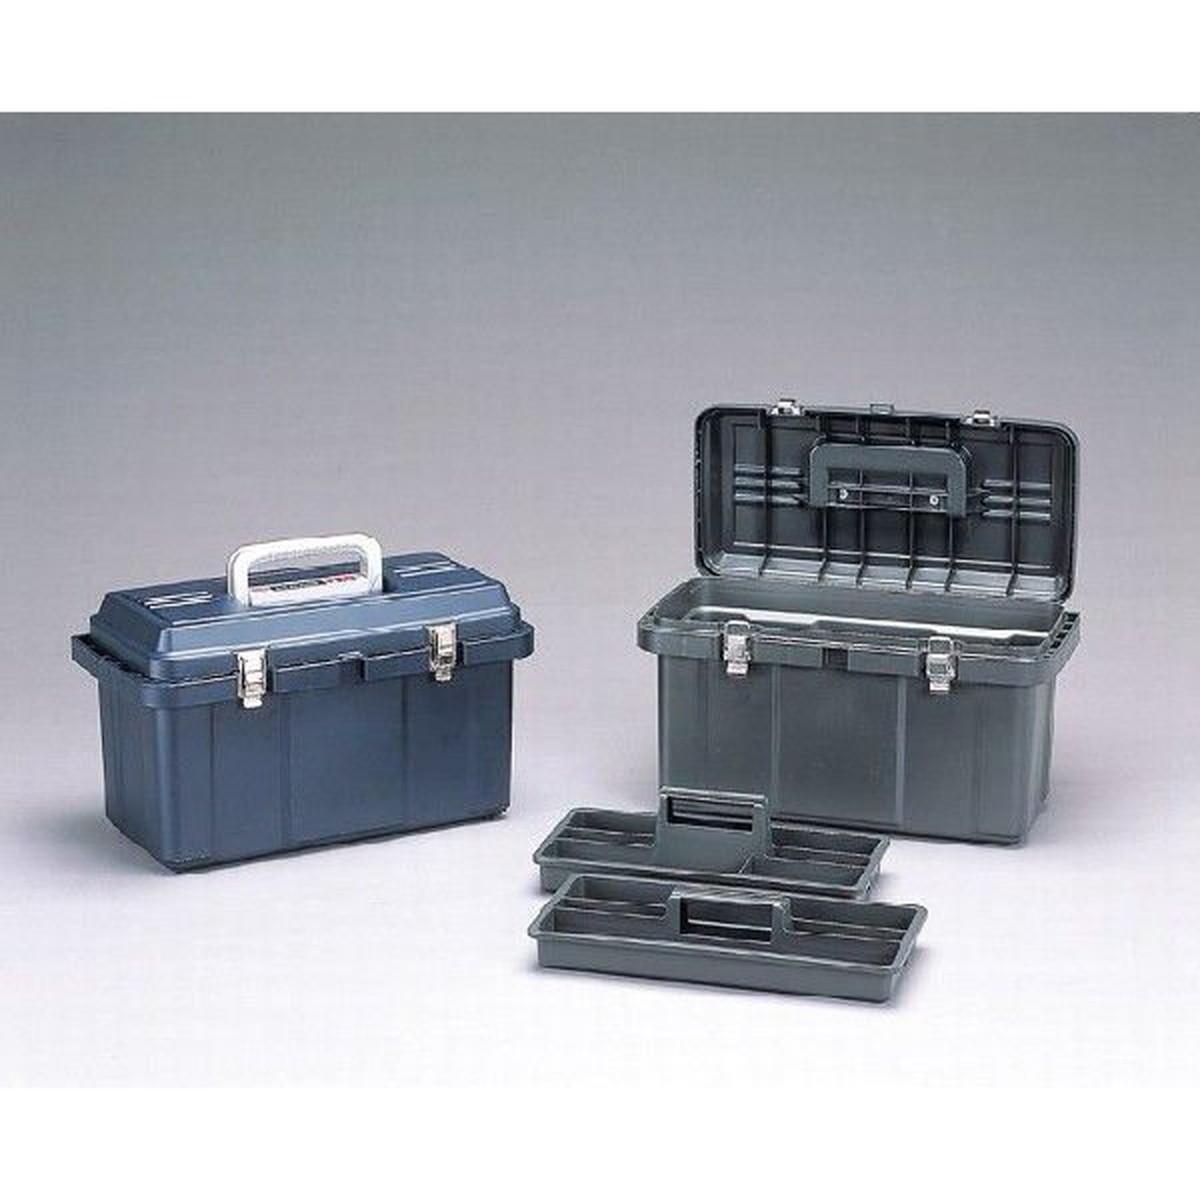 アイリスオーヤマ IRIS OHYAMA ハードプロ HDP-500 エコブラック 工具箱 ツールボックス ケース 再生プラスチック原料使用【クーポン配布中】